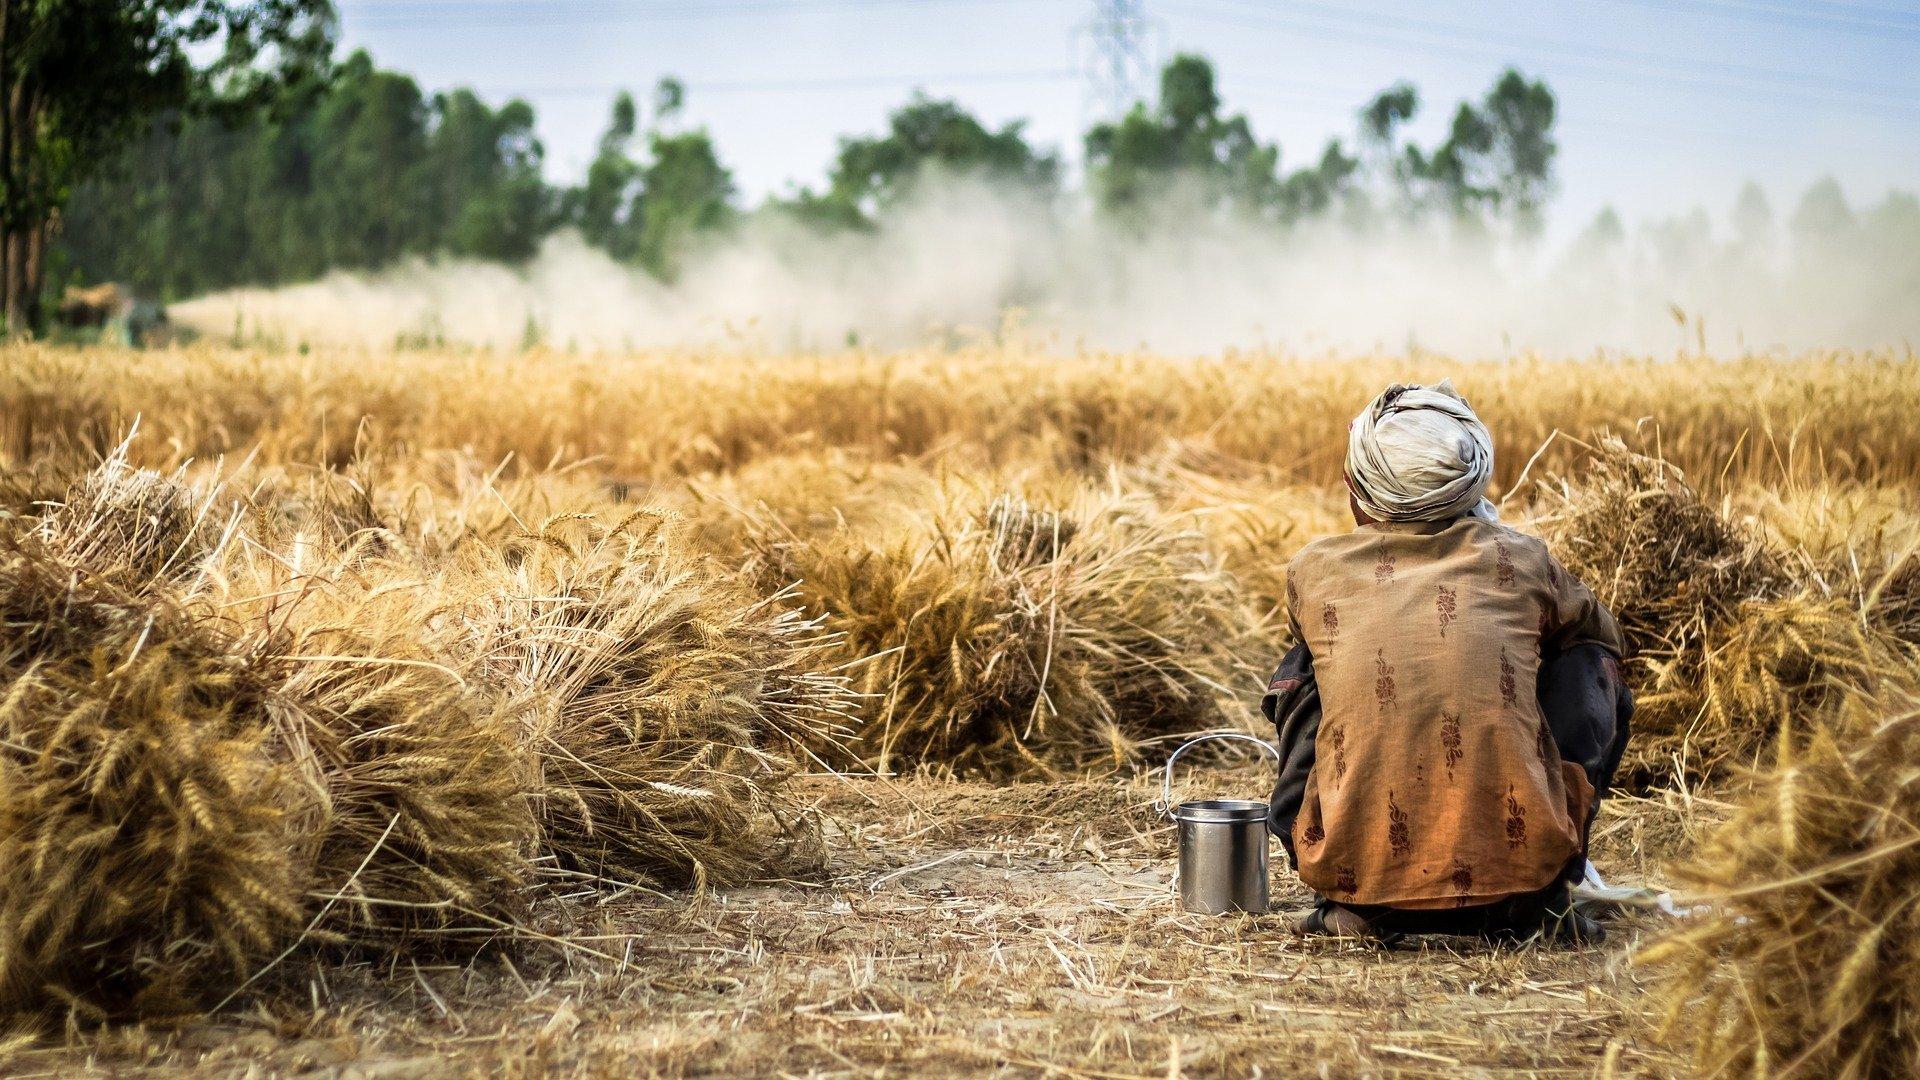 Eine Person in schmutzigen Klamotten und Turban sitzt auf dem Boden vor einem Weizenfeld